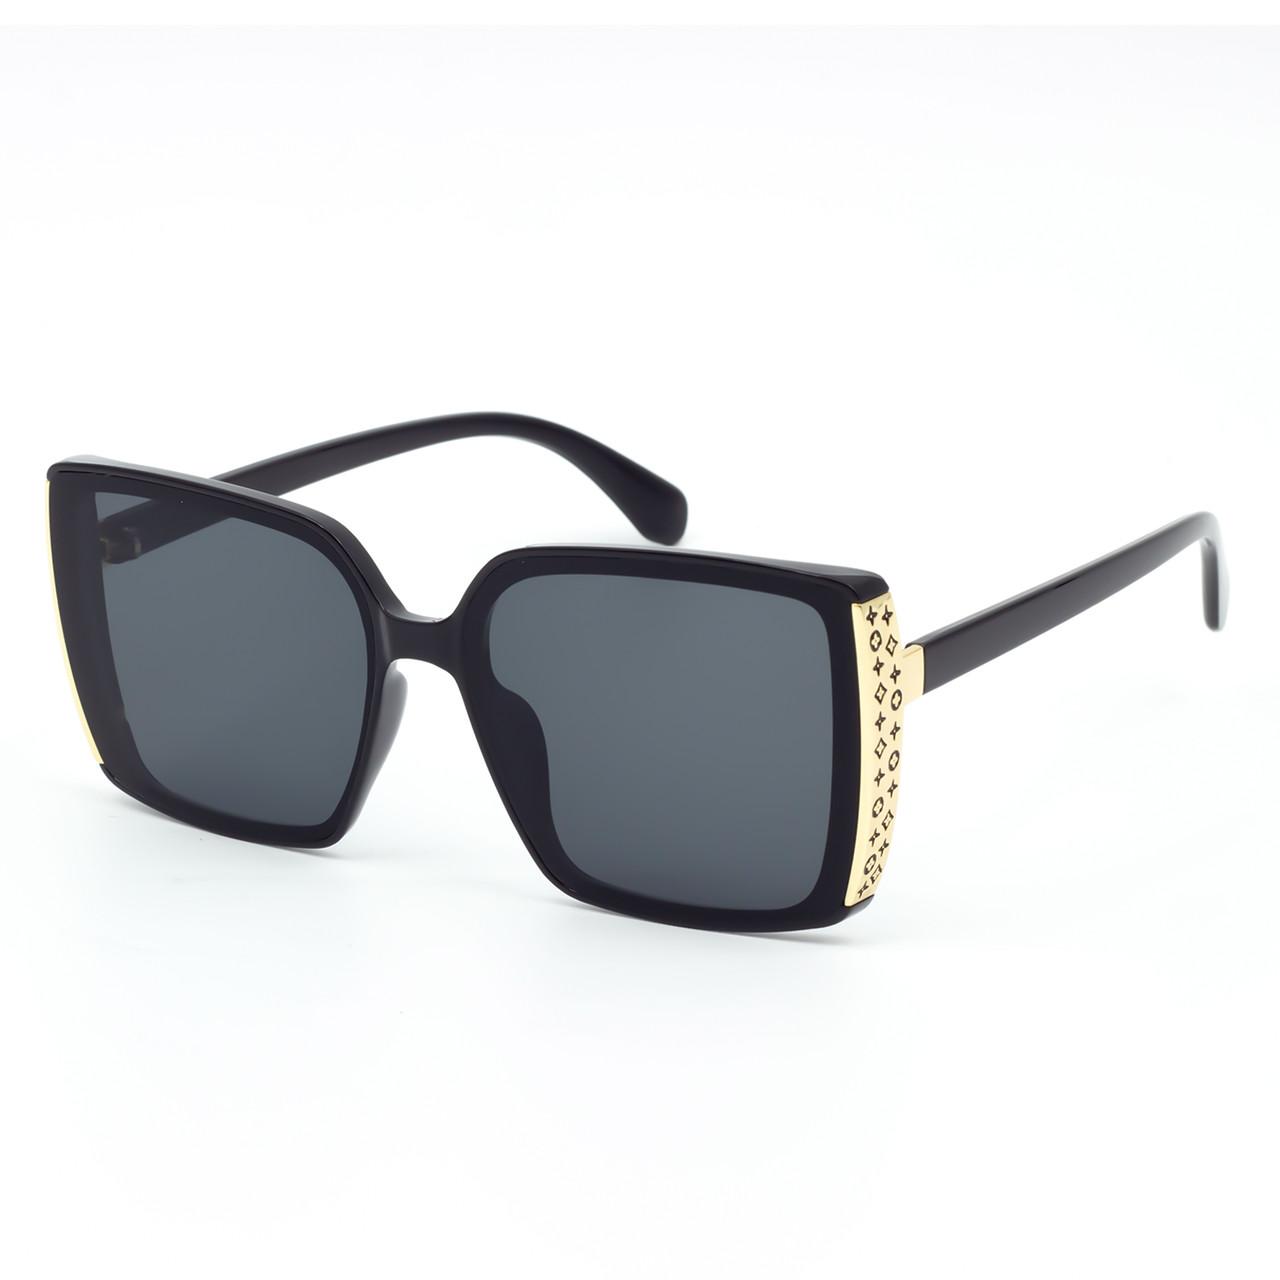 Сонцезахисні окуляри Marmilen 9137 C1 чорні ( KA9137-01 )